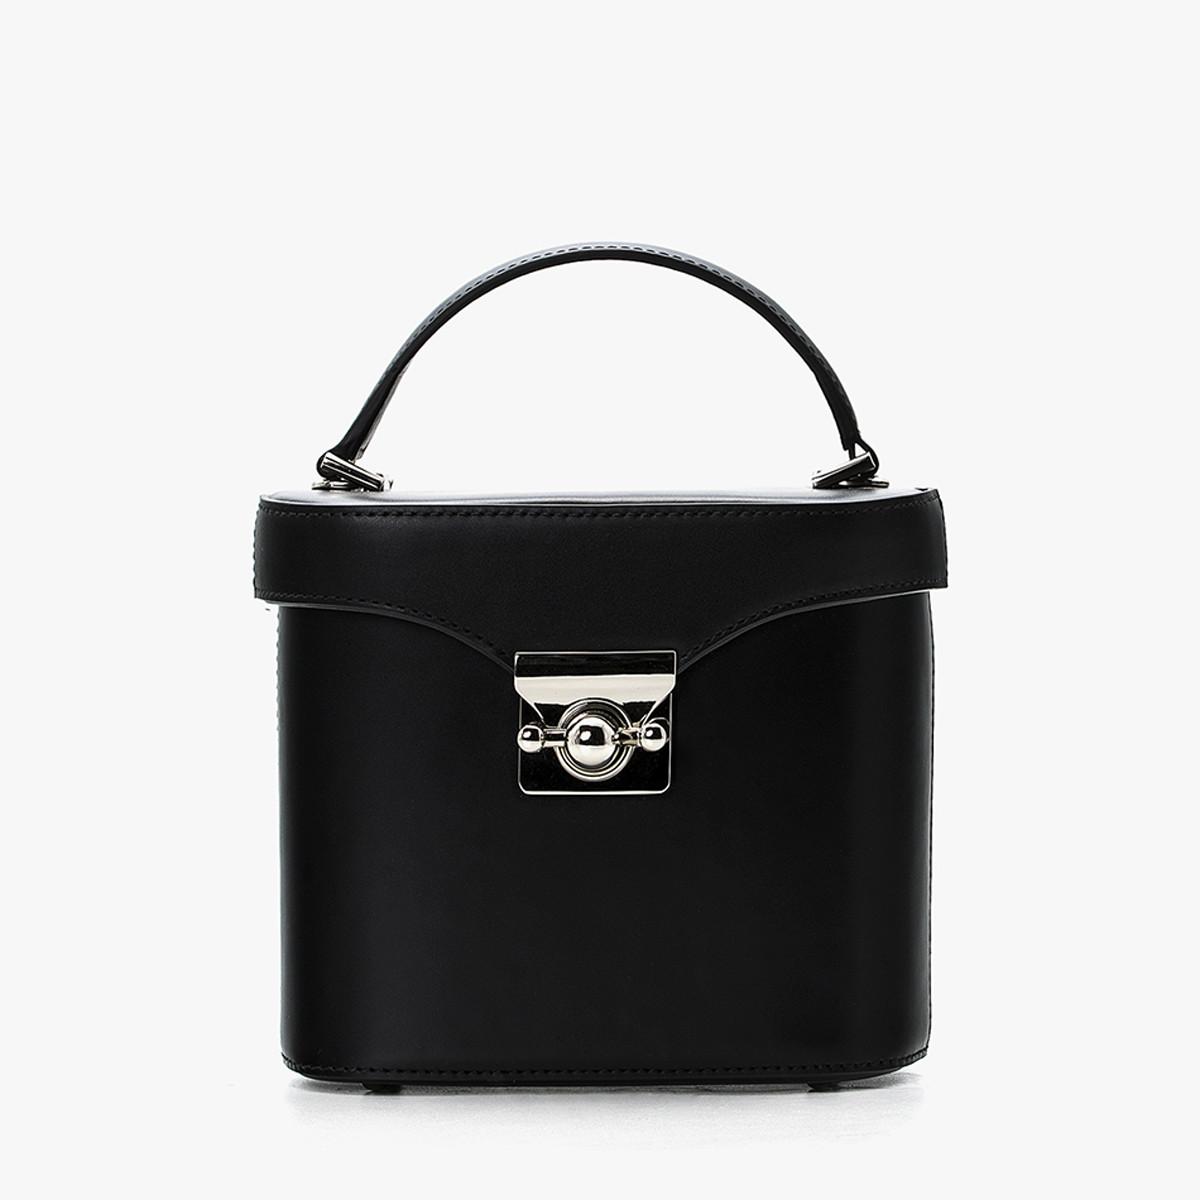 A.Cloud Vintage Archive Unique Designed Bucket Bag